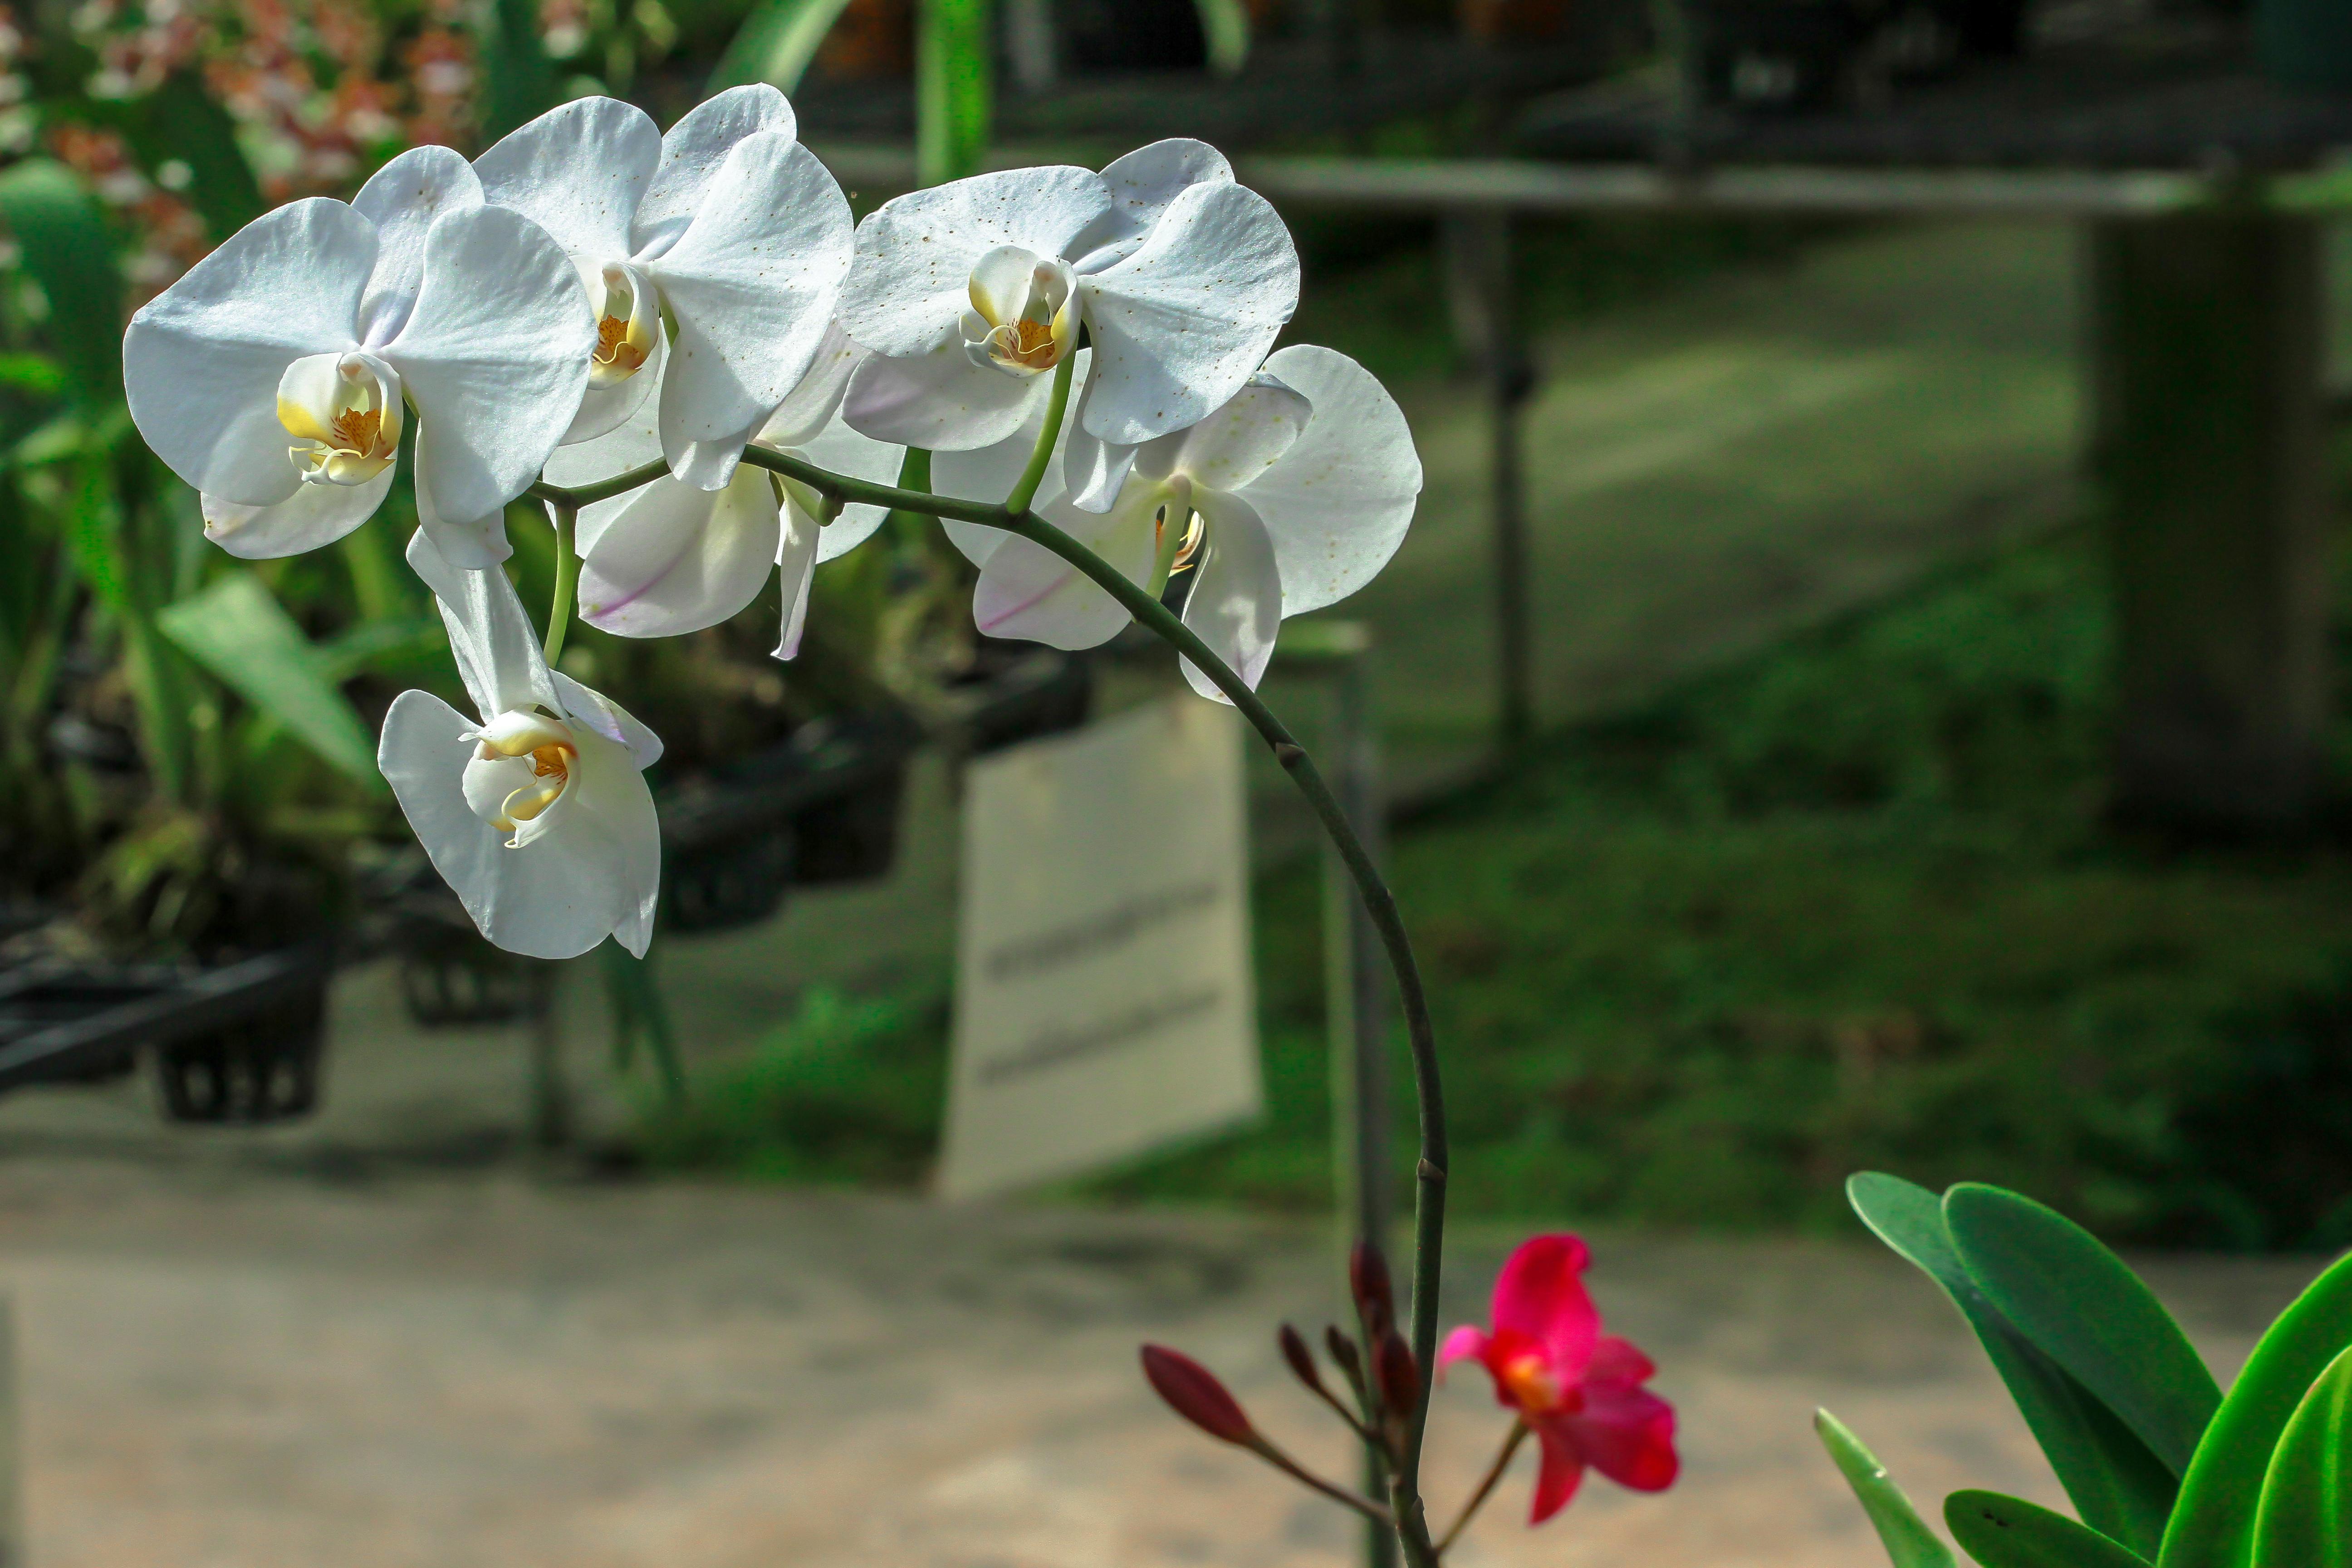 A época de floração das orquídeas depende da espécie – algumas podem florescer por apenas 24 horas por ano.